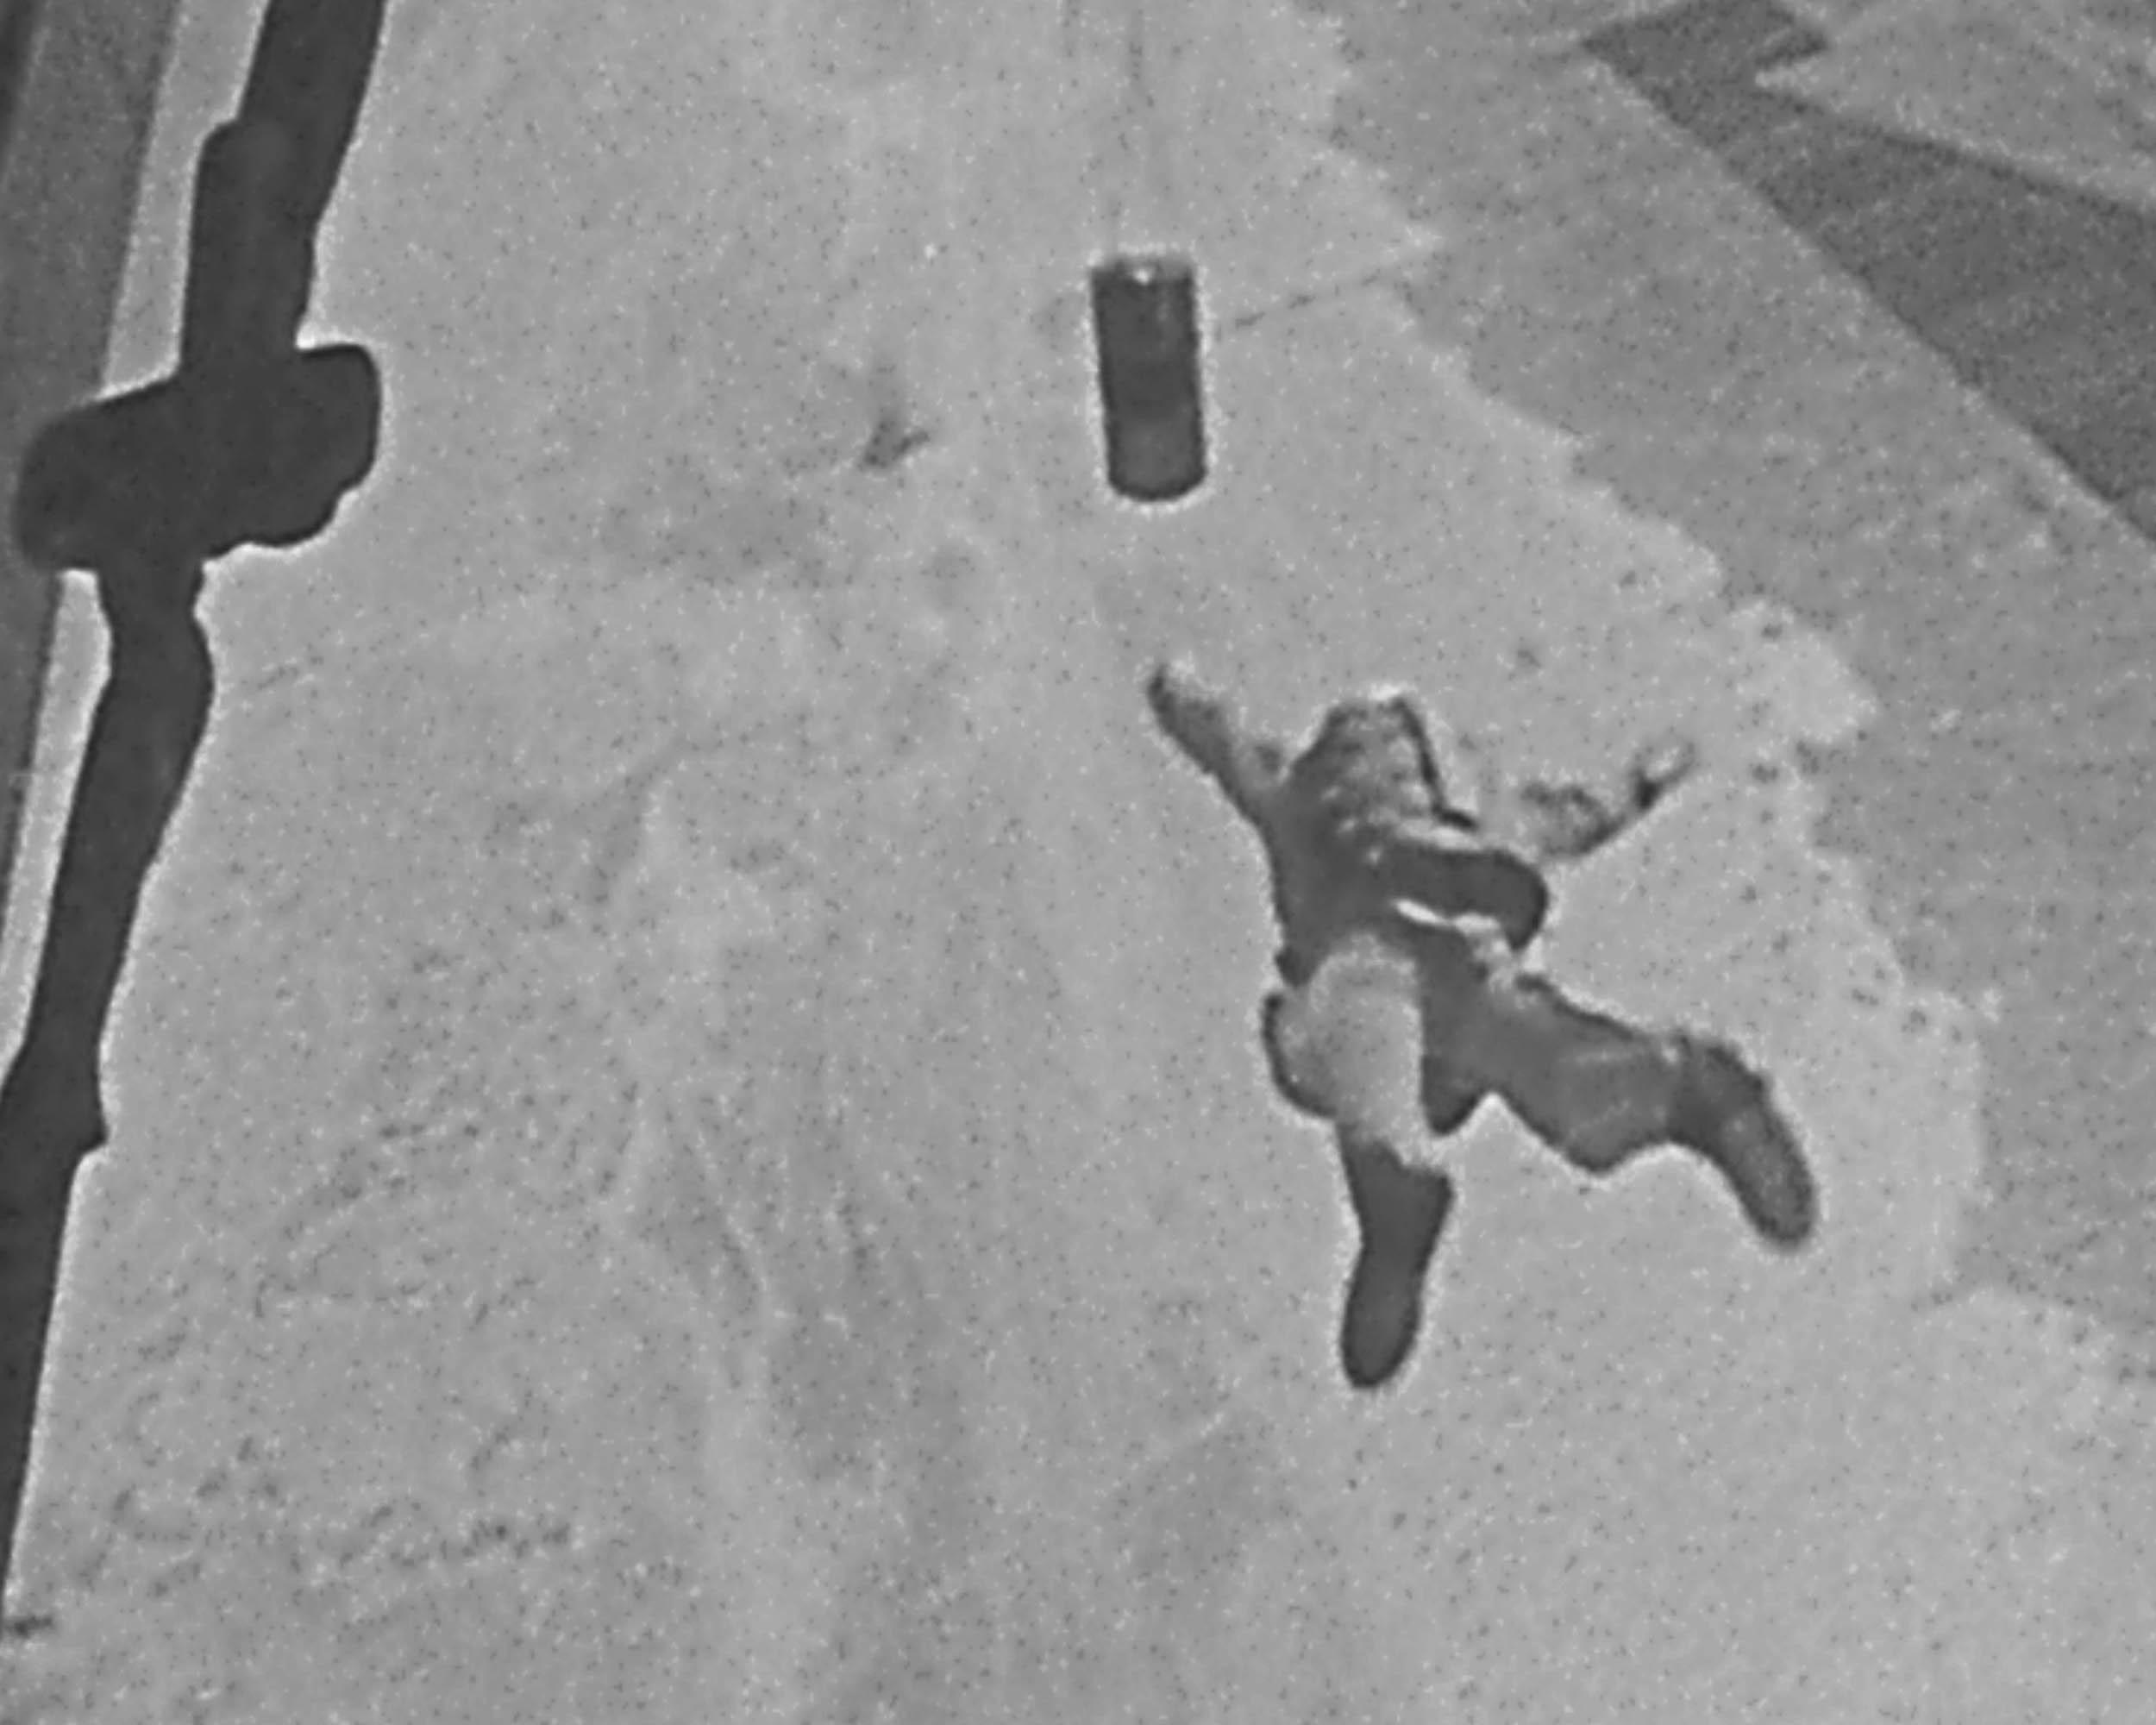 parachuting carjumper following